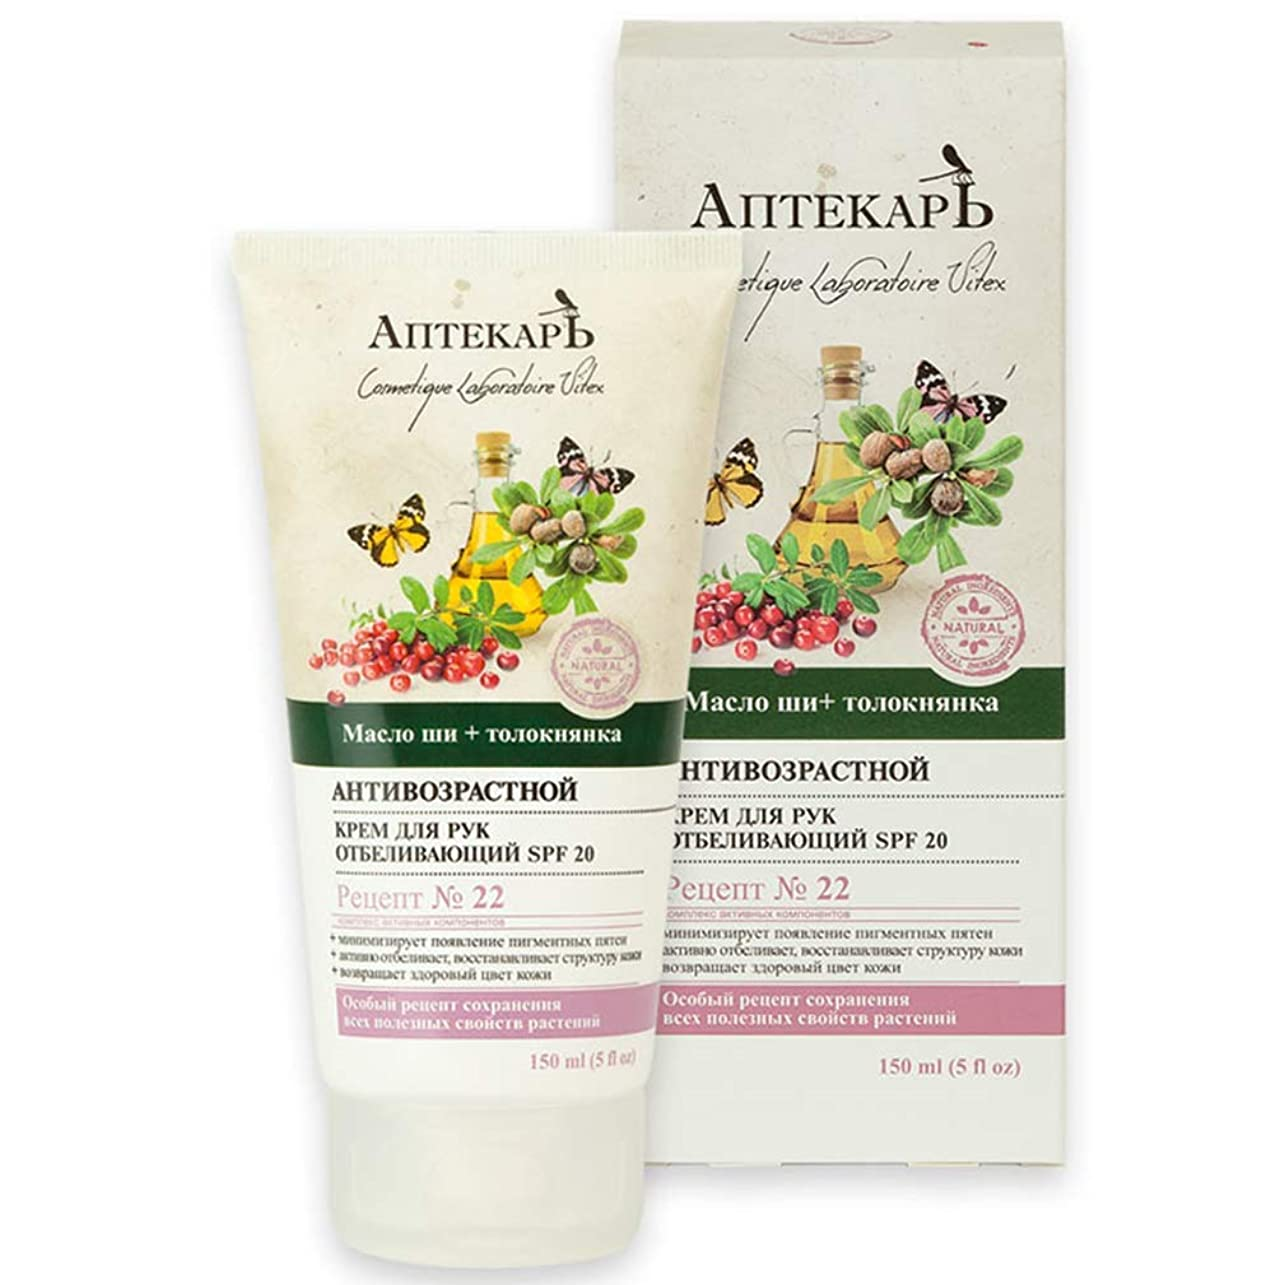 ブルゴーニュ軍団ブラジャーBielita & Vitex | Chemist Line | Whitening Hand Cream | SPF 20 | Arctostaphylos Uva-ursi | Butyrospermum Parkii | Recipe number 22 | 150 ml